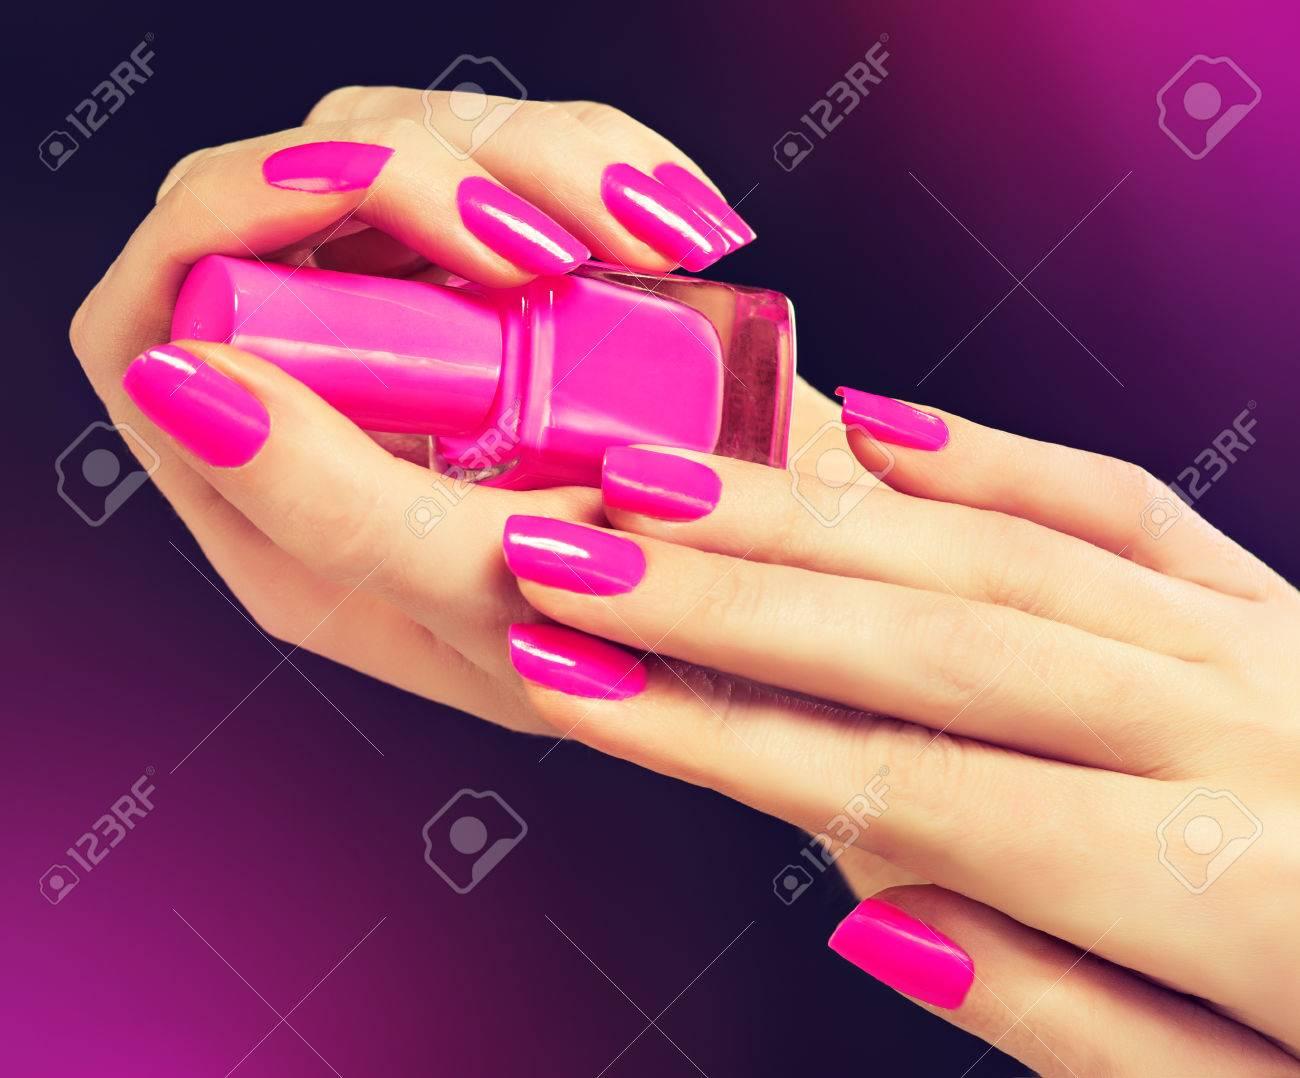 Elegantes Manos Femeninas Con La Manicura De Color Rosa En Las Uñas ...